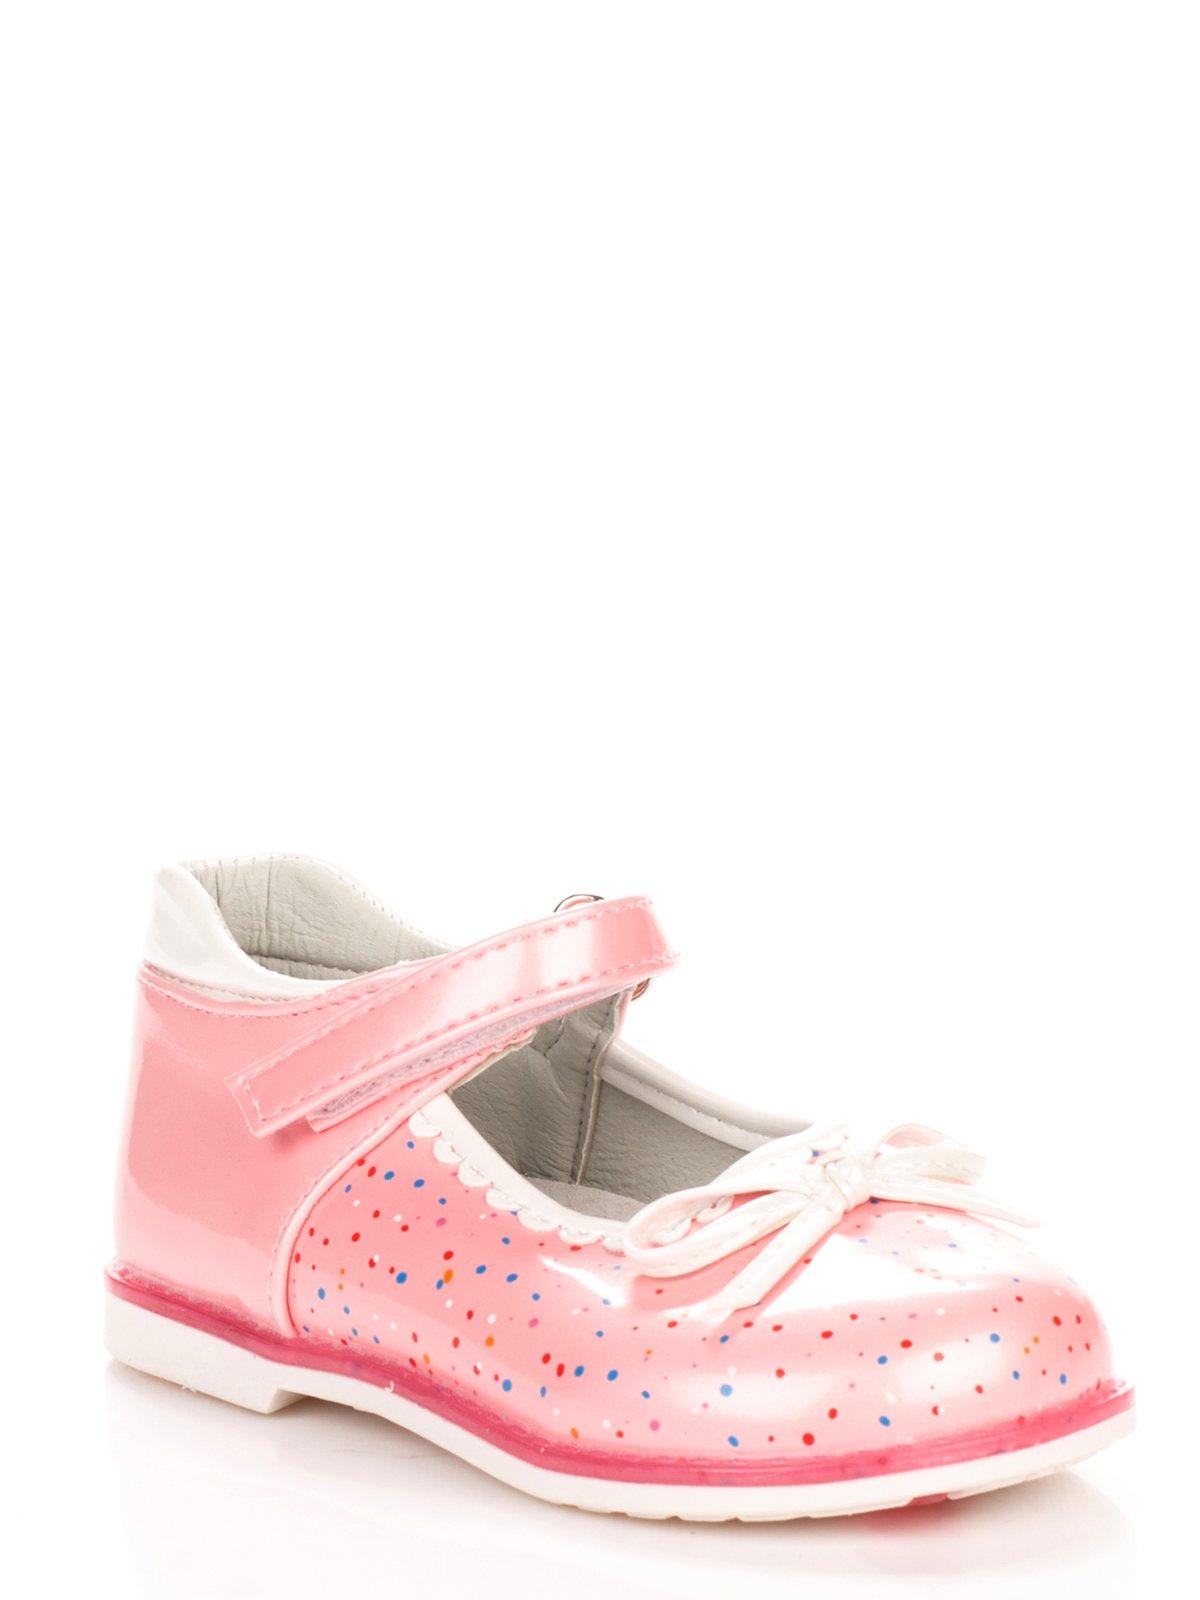 Туфли розовые в крапинку | 3919462